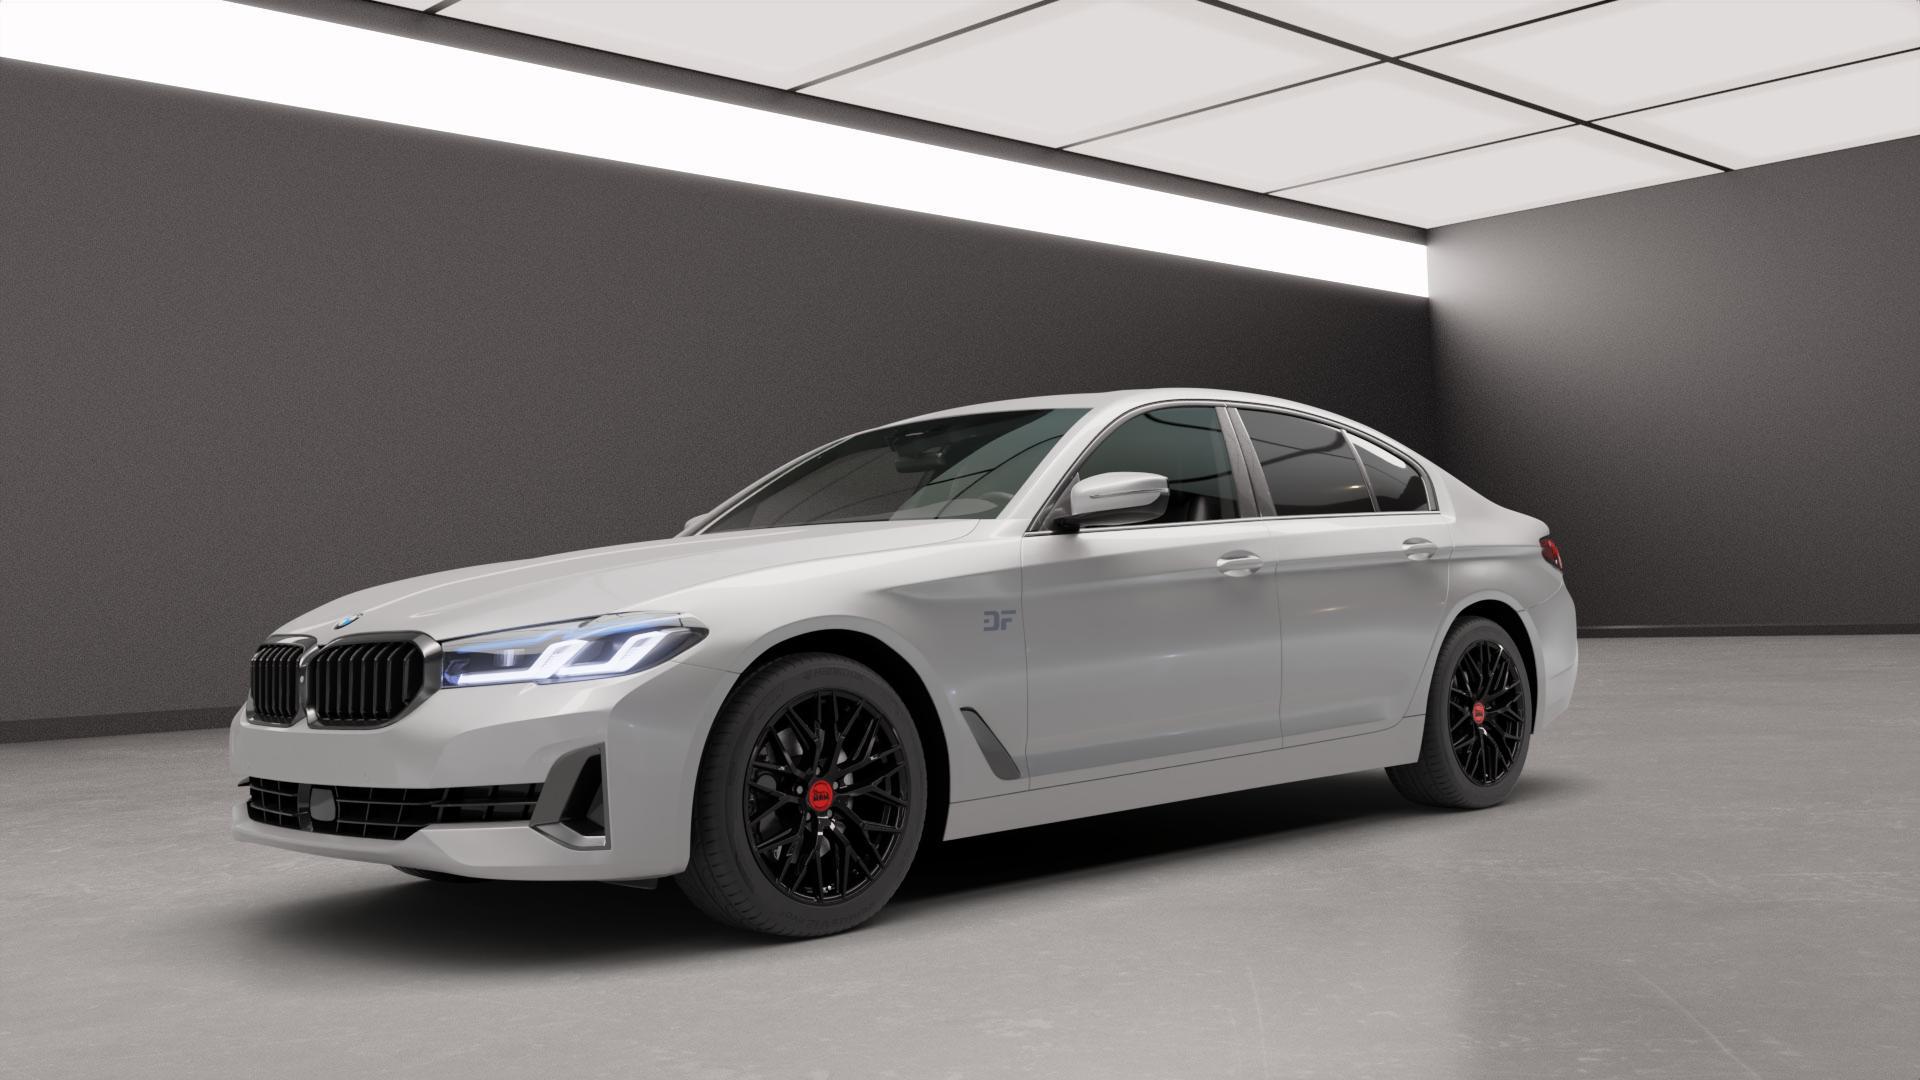 MAM RS4 BLACK PAINTED Felge mit Reifen schwarz in 18Zoll Winterfelge Alufelge auf silbernem BMW 5er G30 Limousine (G5L) Facelift ⬇️ mit 15mm Tieferlegung ⬇️ Neutral_mid_max5300mm Frontansicht_1